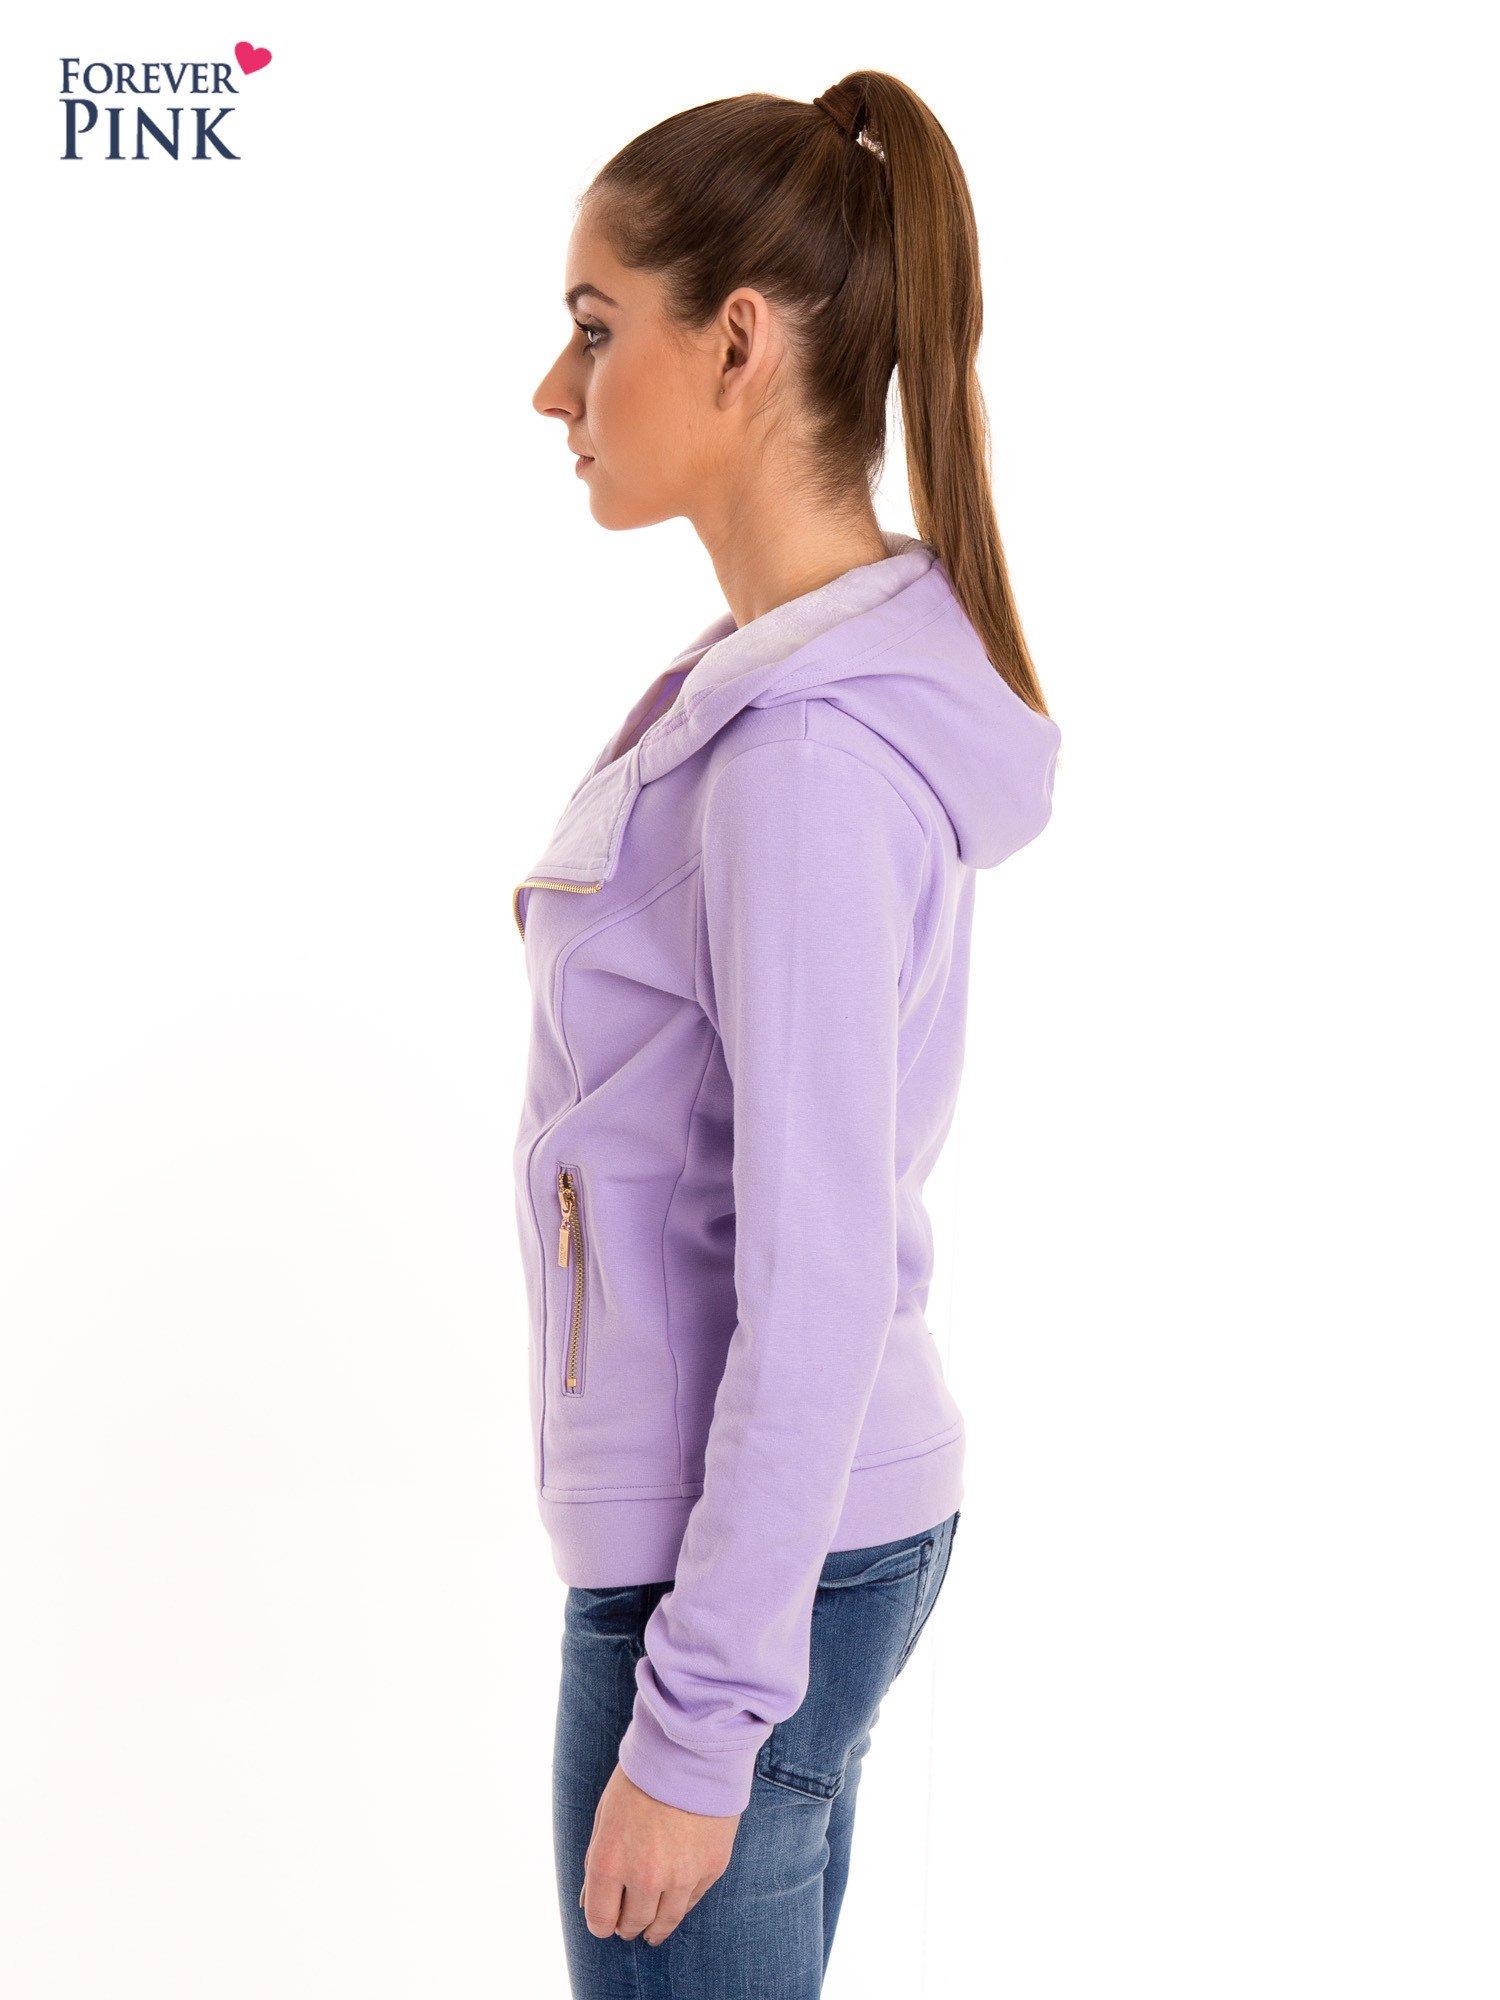 Bluza typu ramoneska w kolorze lila                                  zdj.                                  3